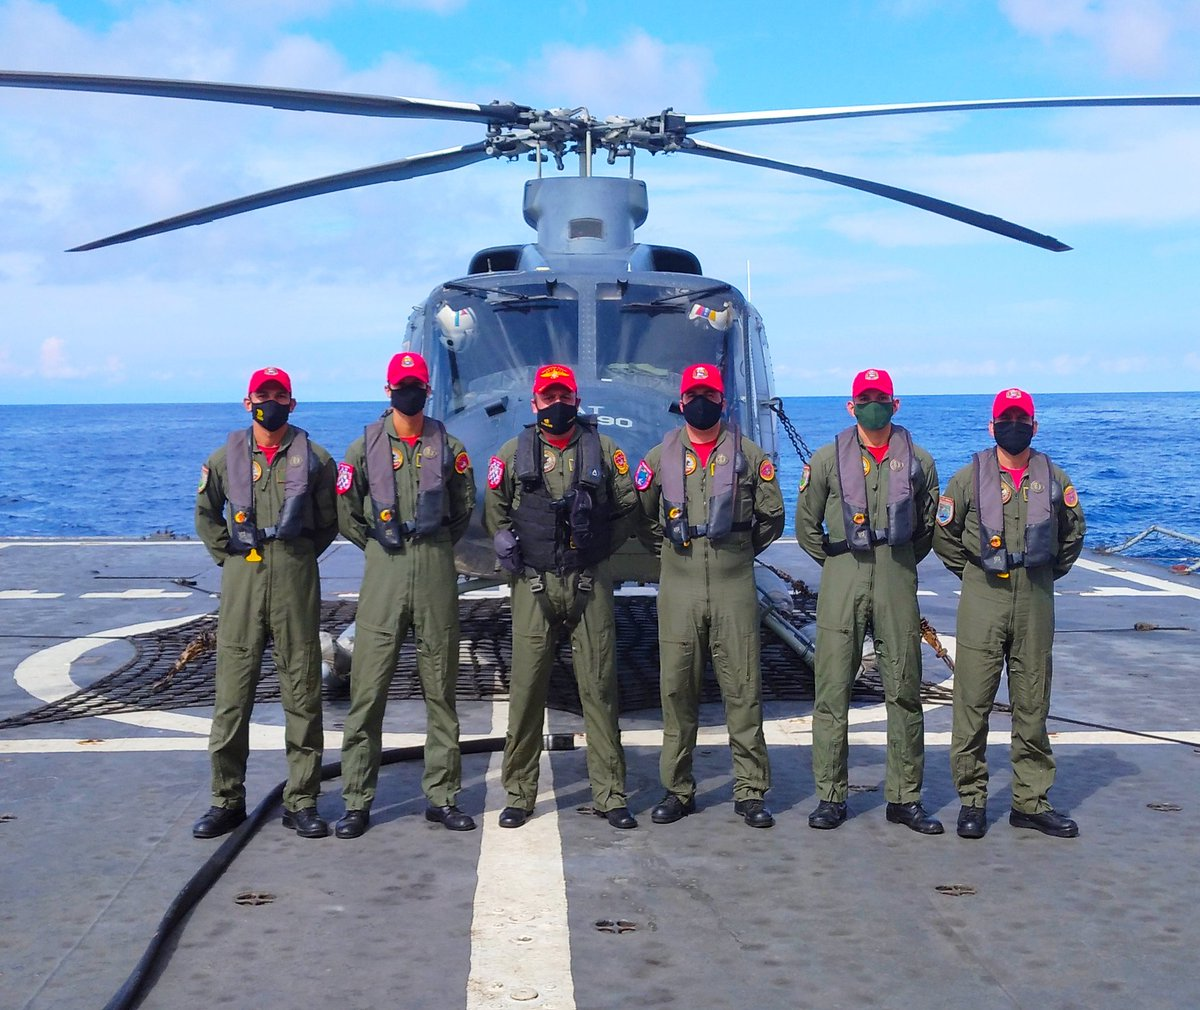 #09Sep El comandante del @ARB_CANEATA efectuó recalificación de sus tripulantes en toques y despegue a bordo de las unidades flotantes. Continuamos con el adiestramiento de nuestro personal. BZ. #BinomioBuqueHelicoptero https://t.co/SLOb0M7lvA